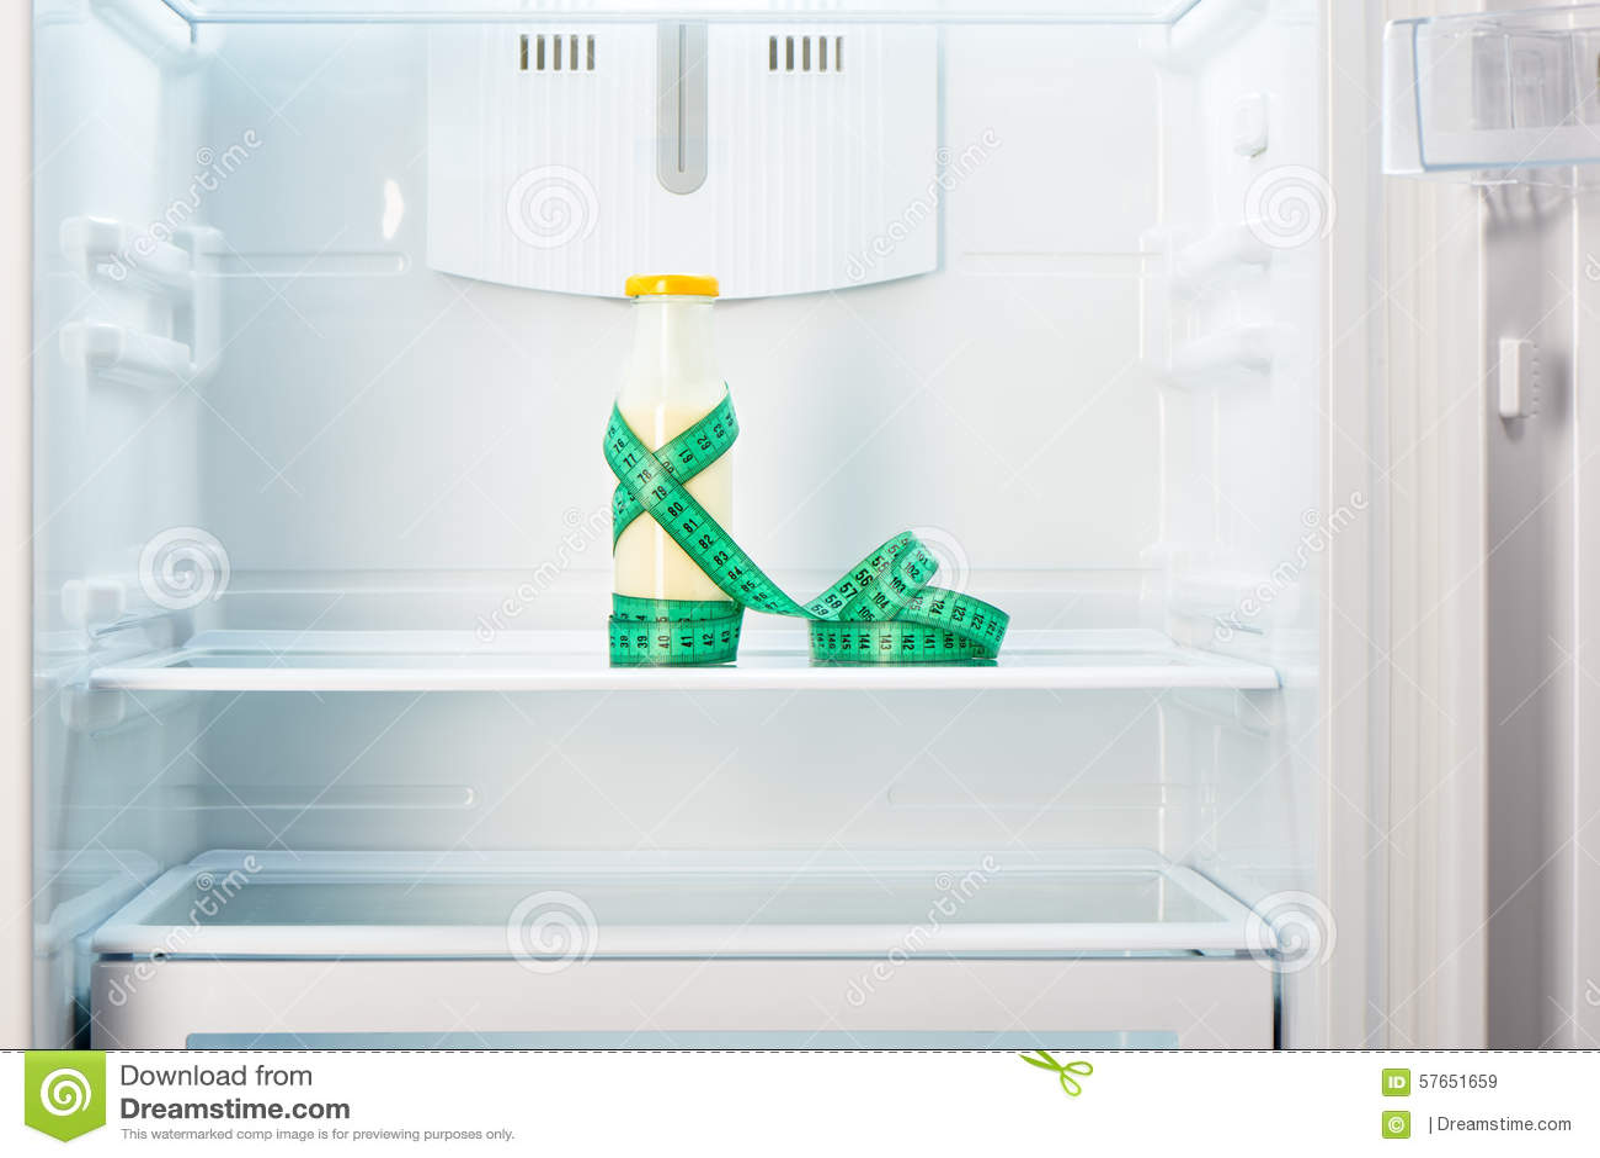 Garrafa de vidro do iogurte com a fita de medição na prateleira do refrigerador vazio aberto